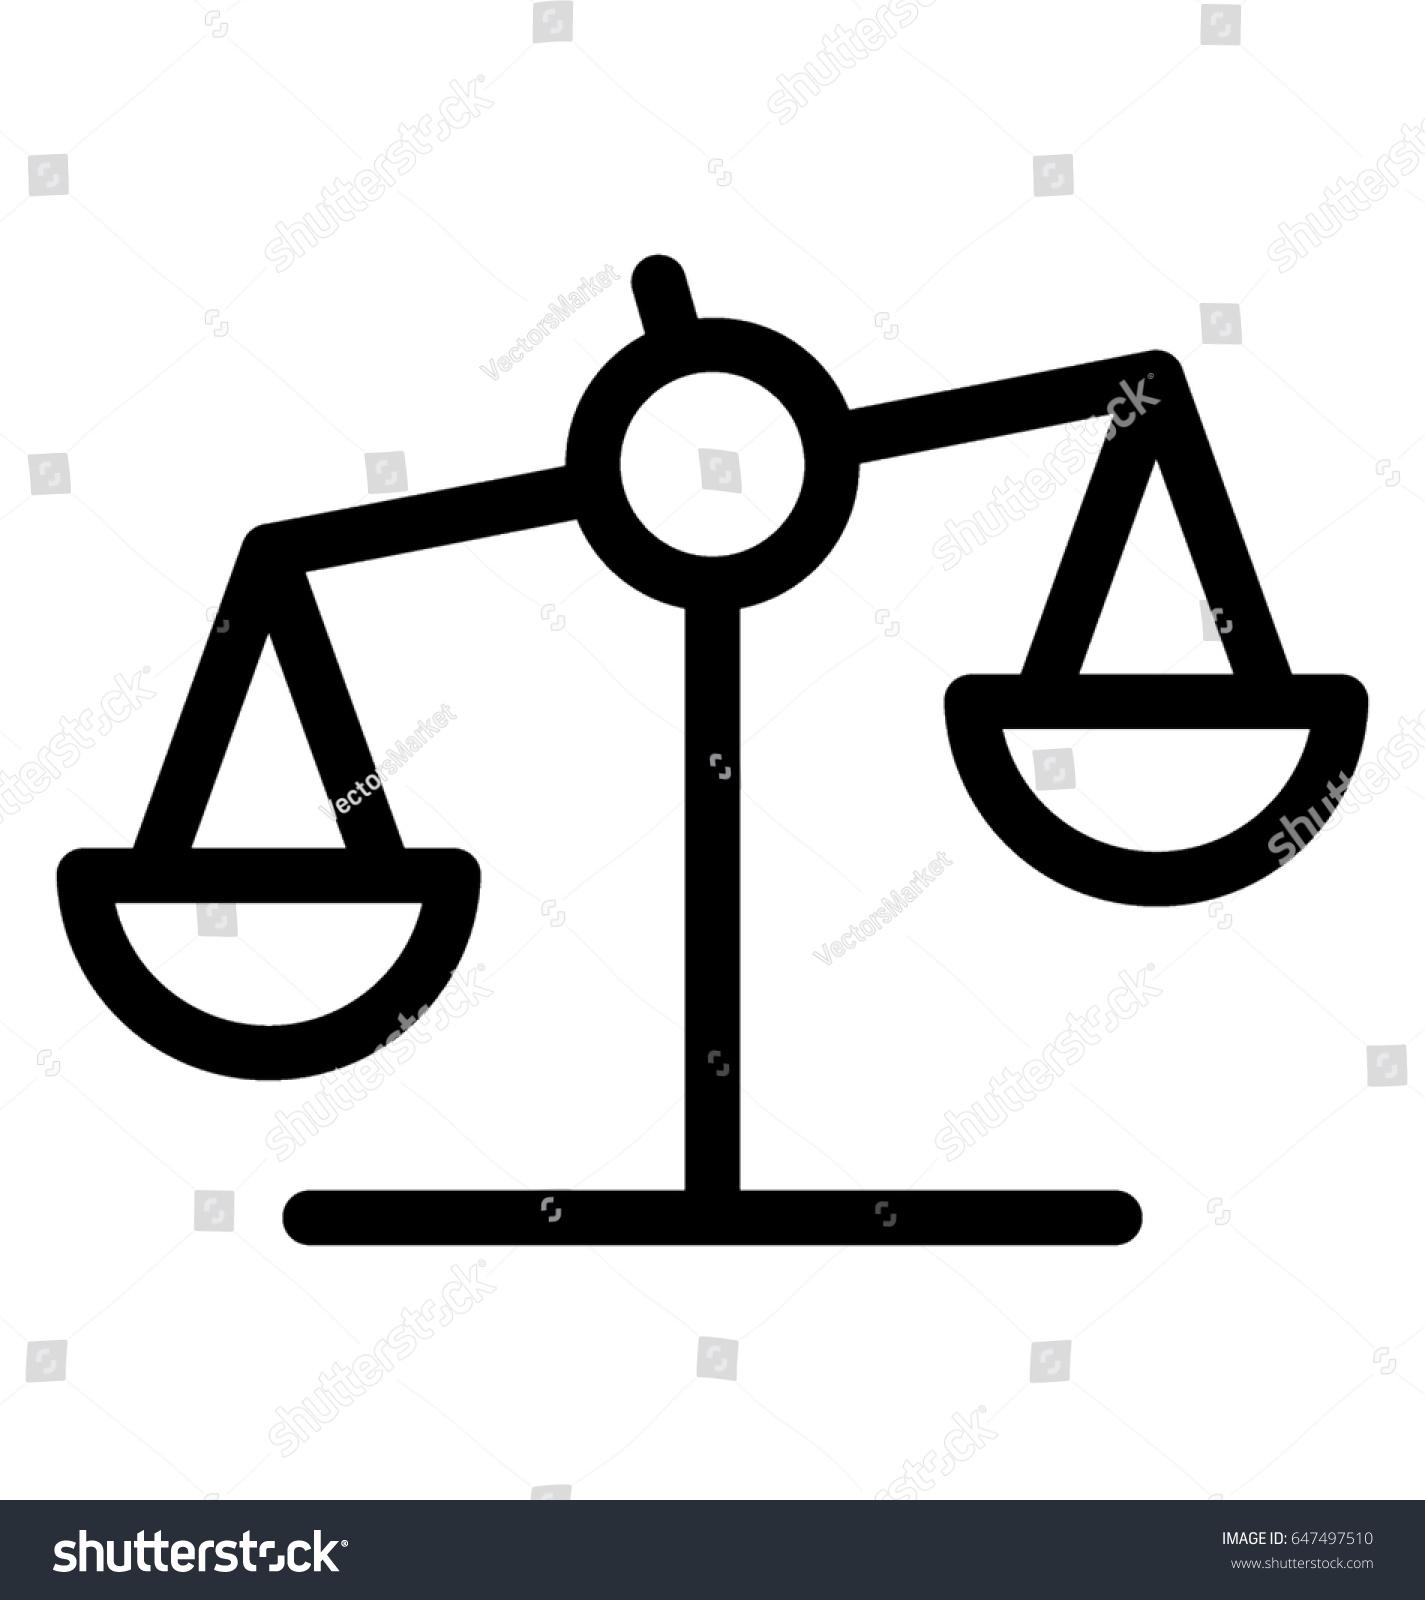 Balance scale vector icon stock vector 647497510 shutterstock balance scale vector icon biocorpaavc Images